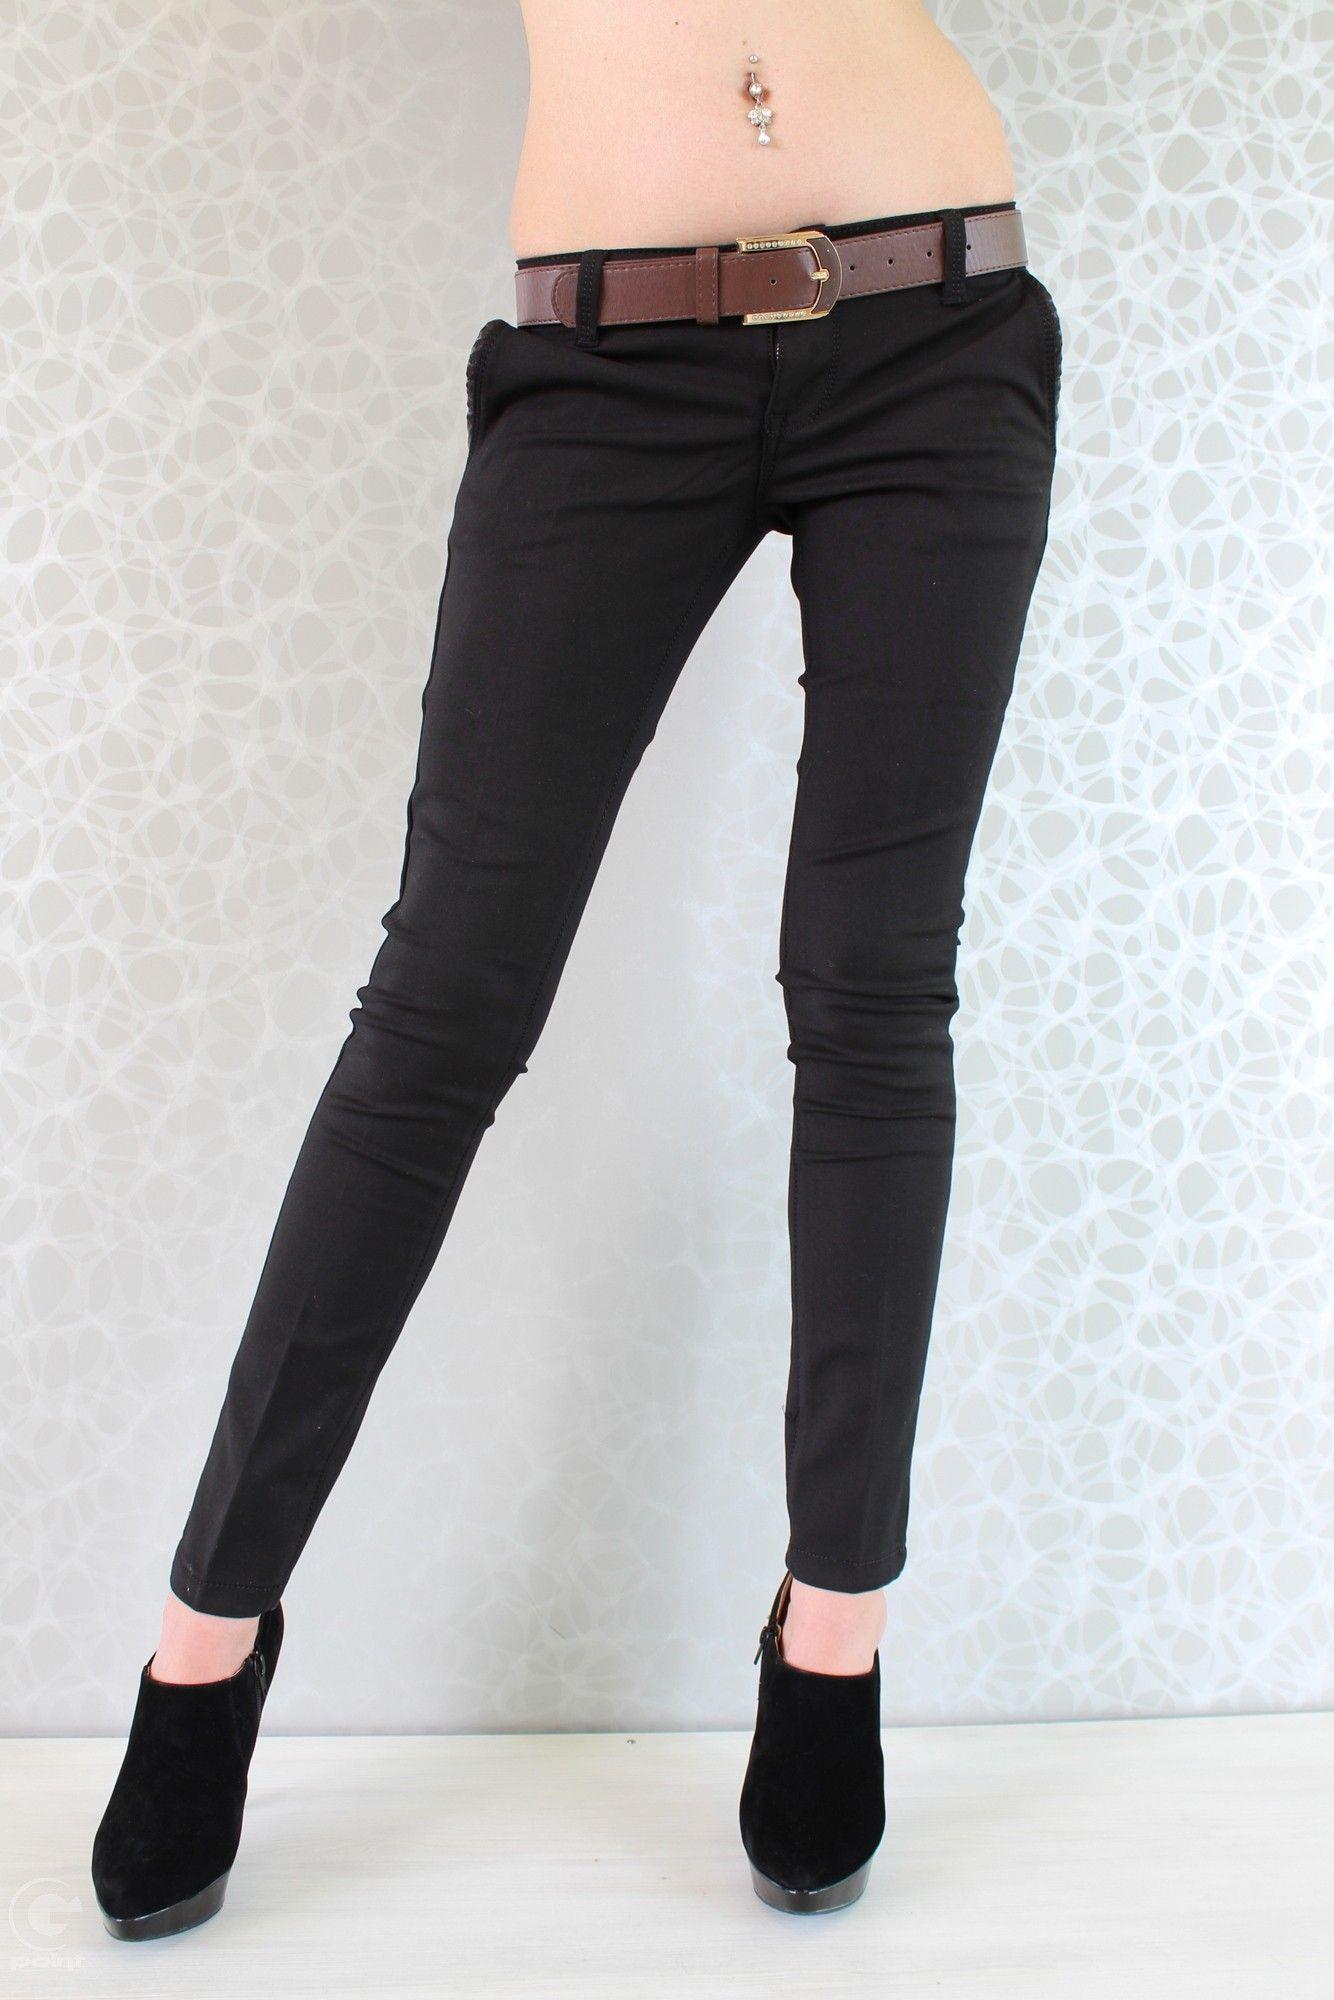 913bd3487e2 Панталоните са една от най - носените дрехи в ежедневието. Модел Елия е  стилен и